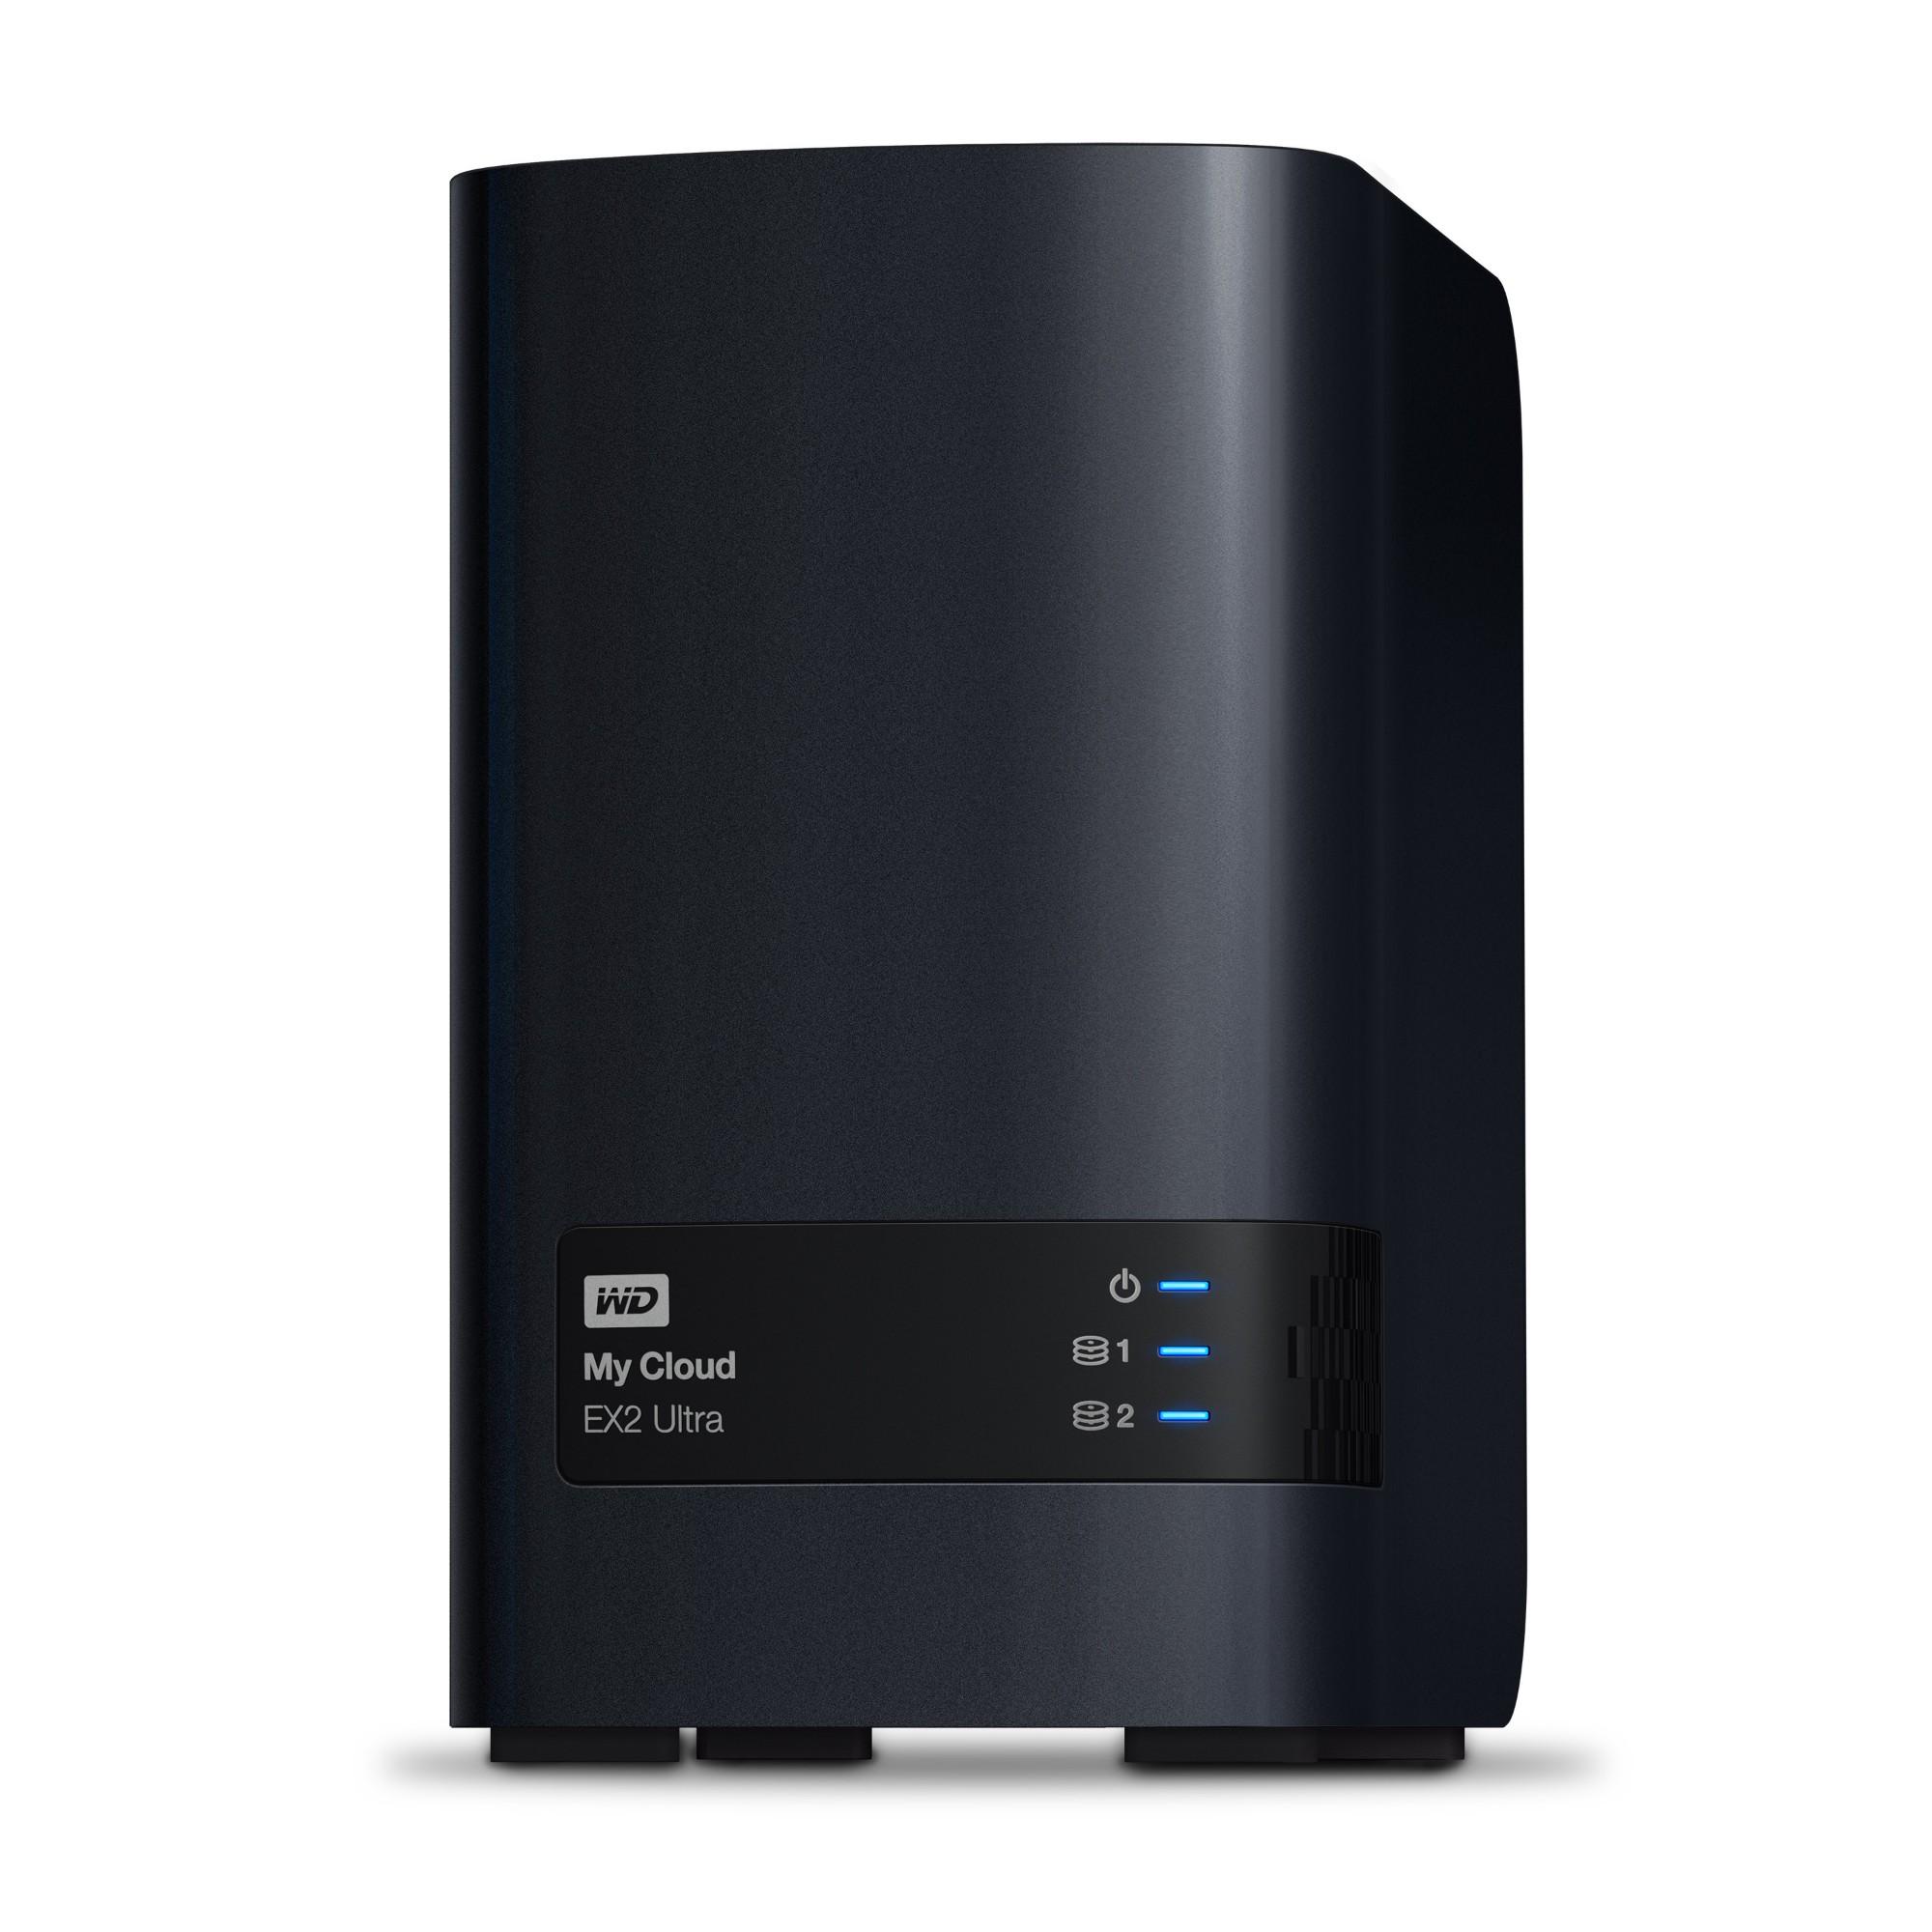 My Cloud Ex2 Ultra 3.5in 2x USB3.0 8TB (2x 4tb) Wd Red